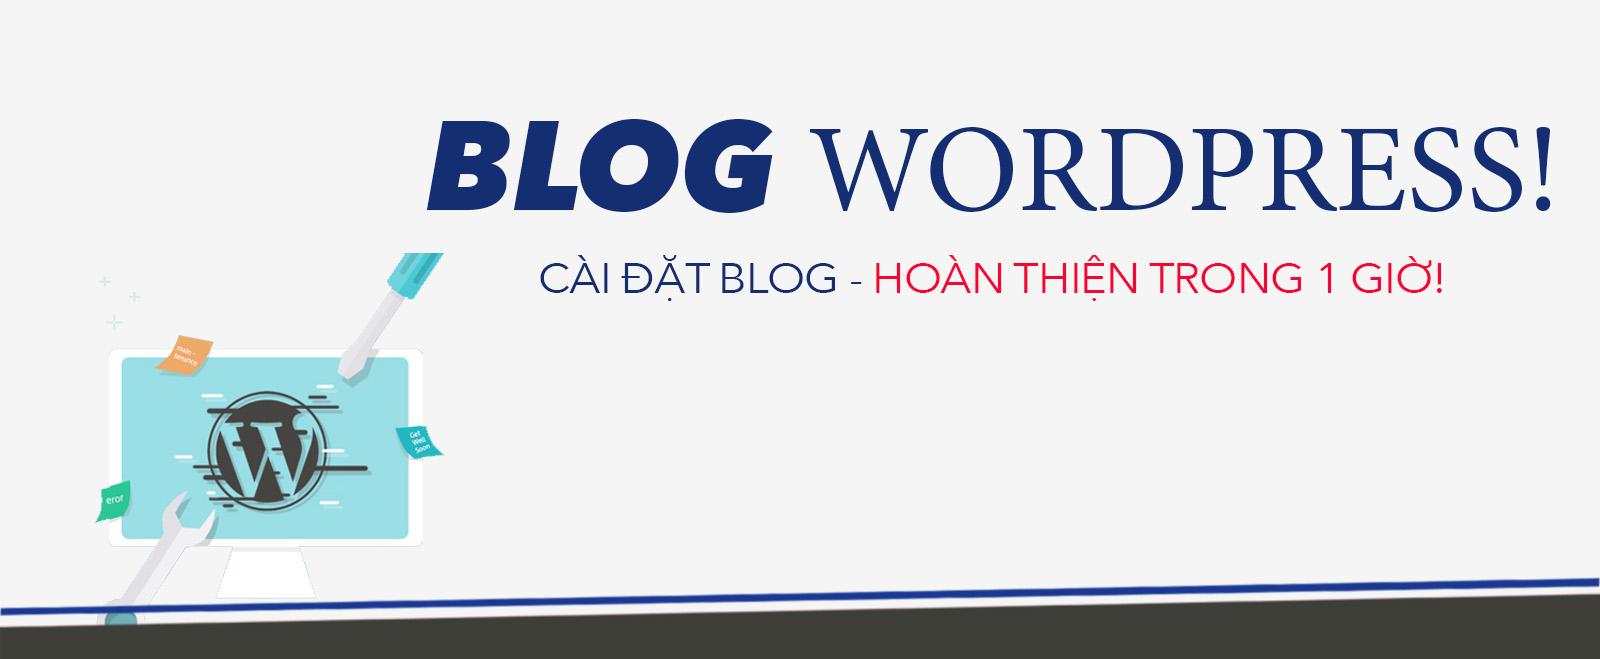 khoá học càu đặt blog wordpress